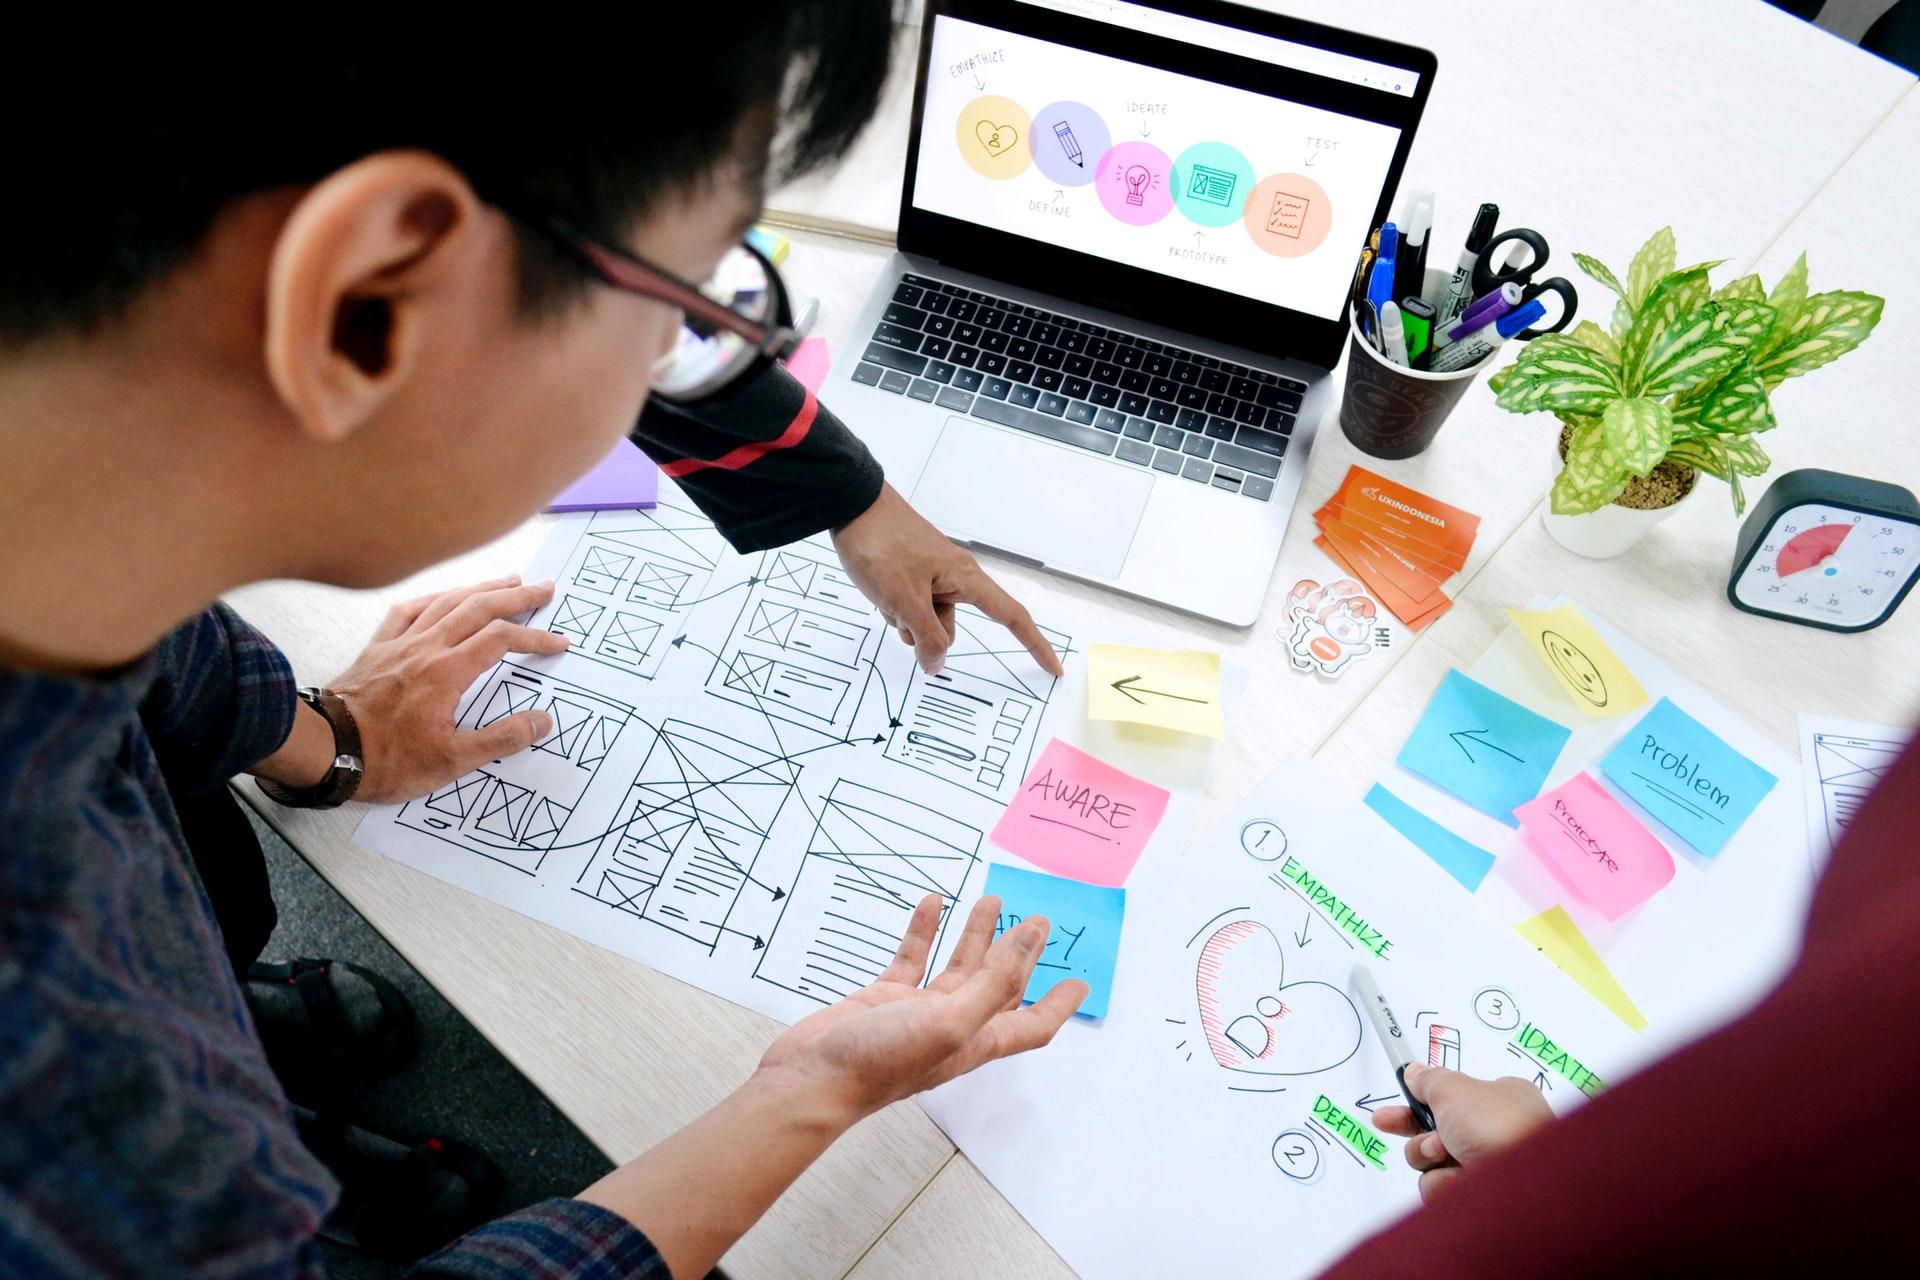 """Einladung zum Workshop """"Design Thinking in Schule und Geschichtsunterricht"""" am 28. September 2021"""